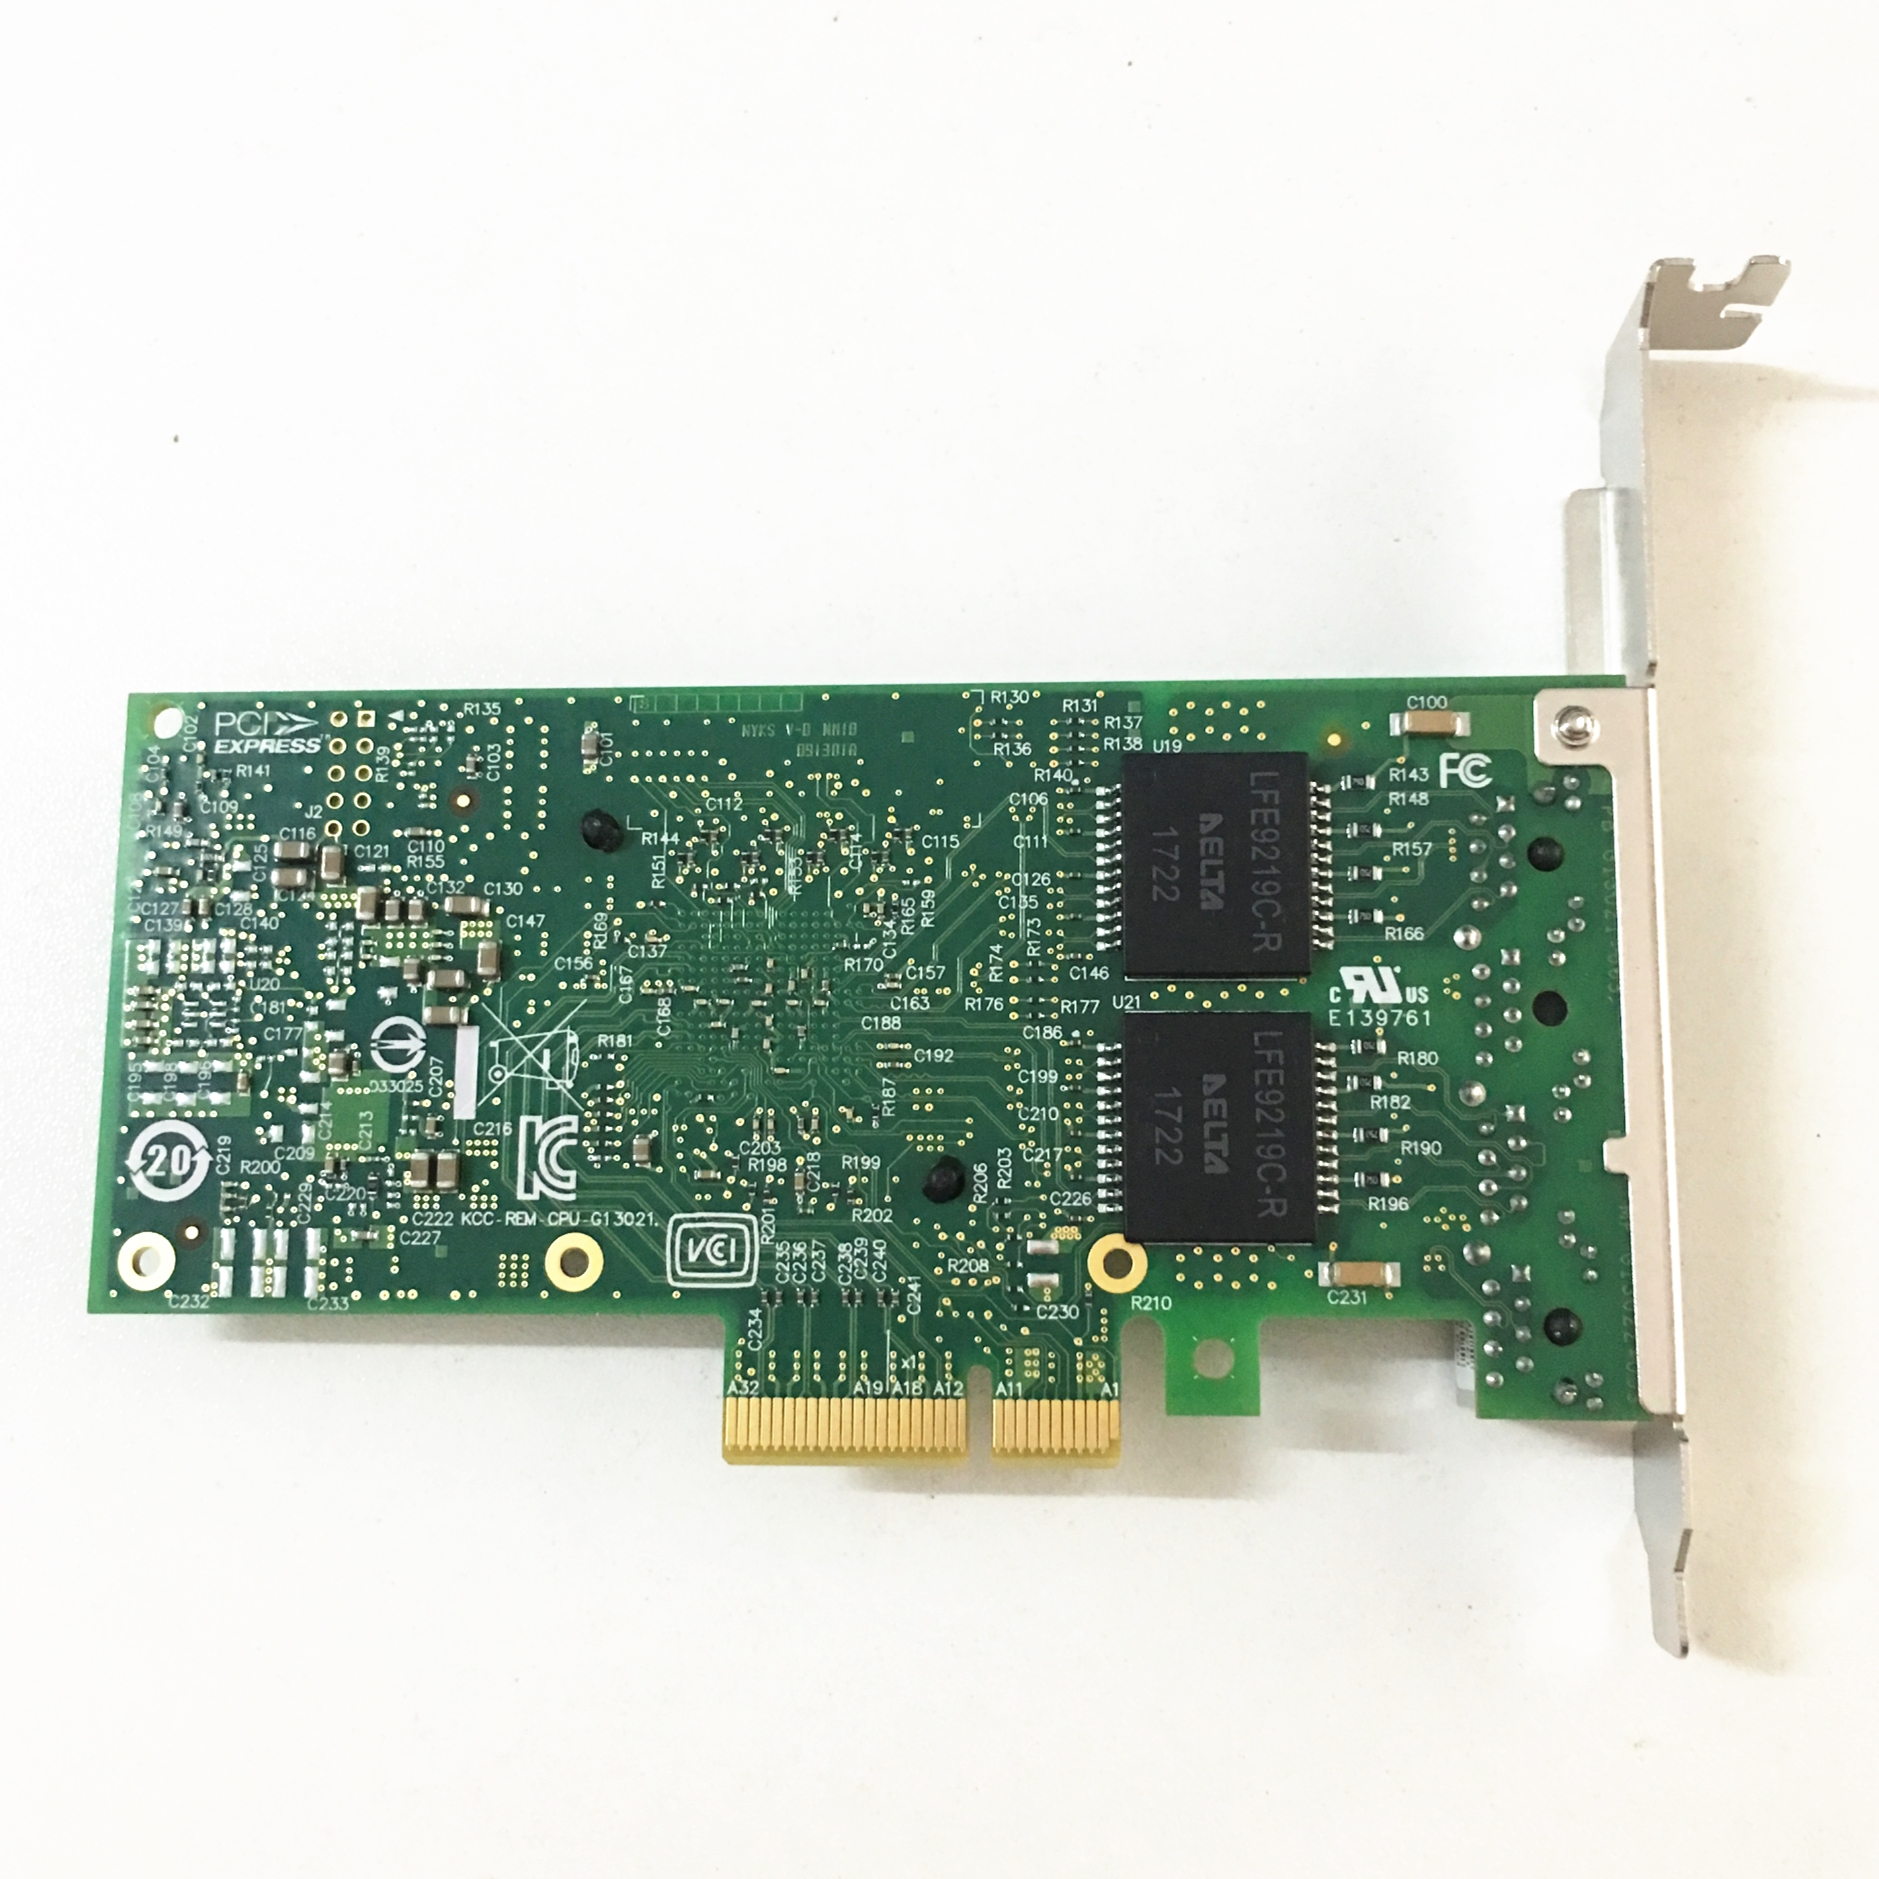 Image 2 - Китайский OEM блок/сторонний блок новый серверный адаптер для  intel I350 T4 PCI Express cuatro RJ45 puertos Gigabit NICСетевые карты